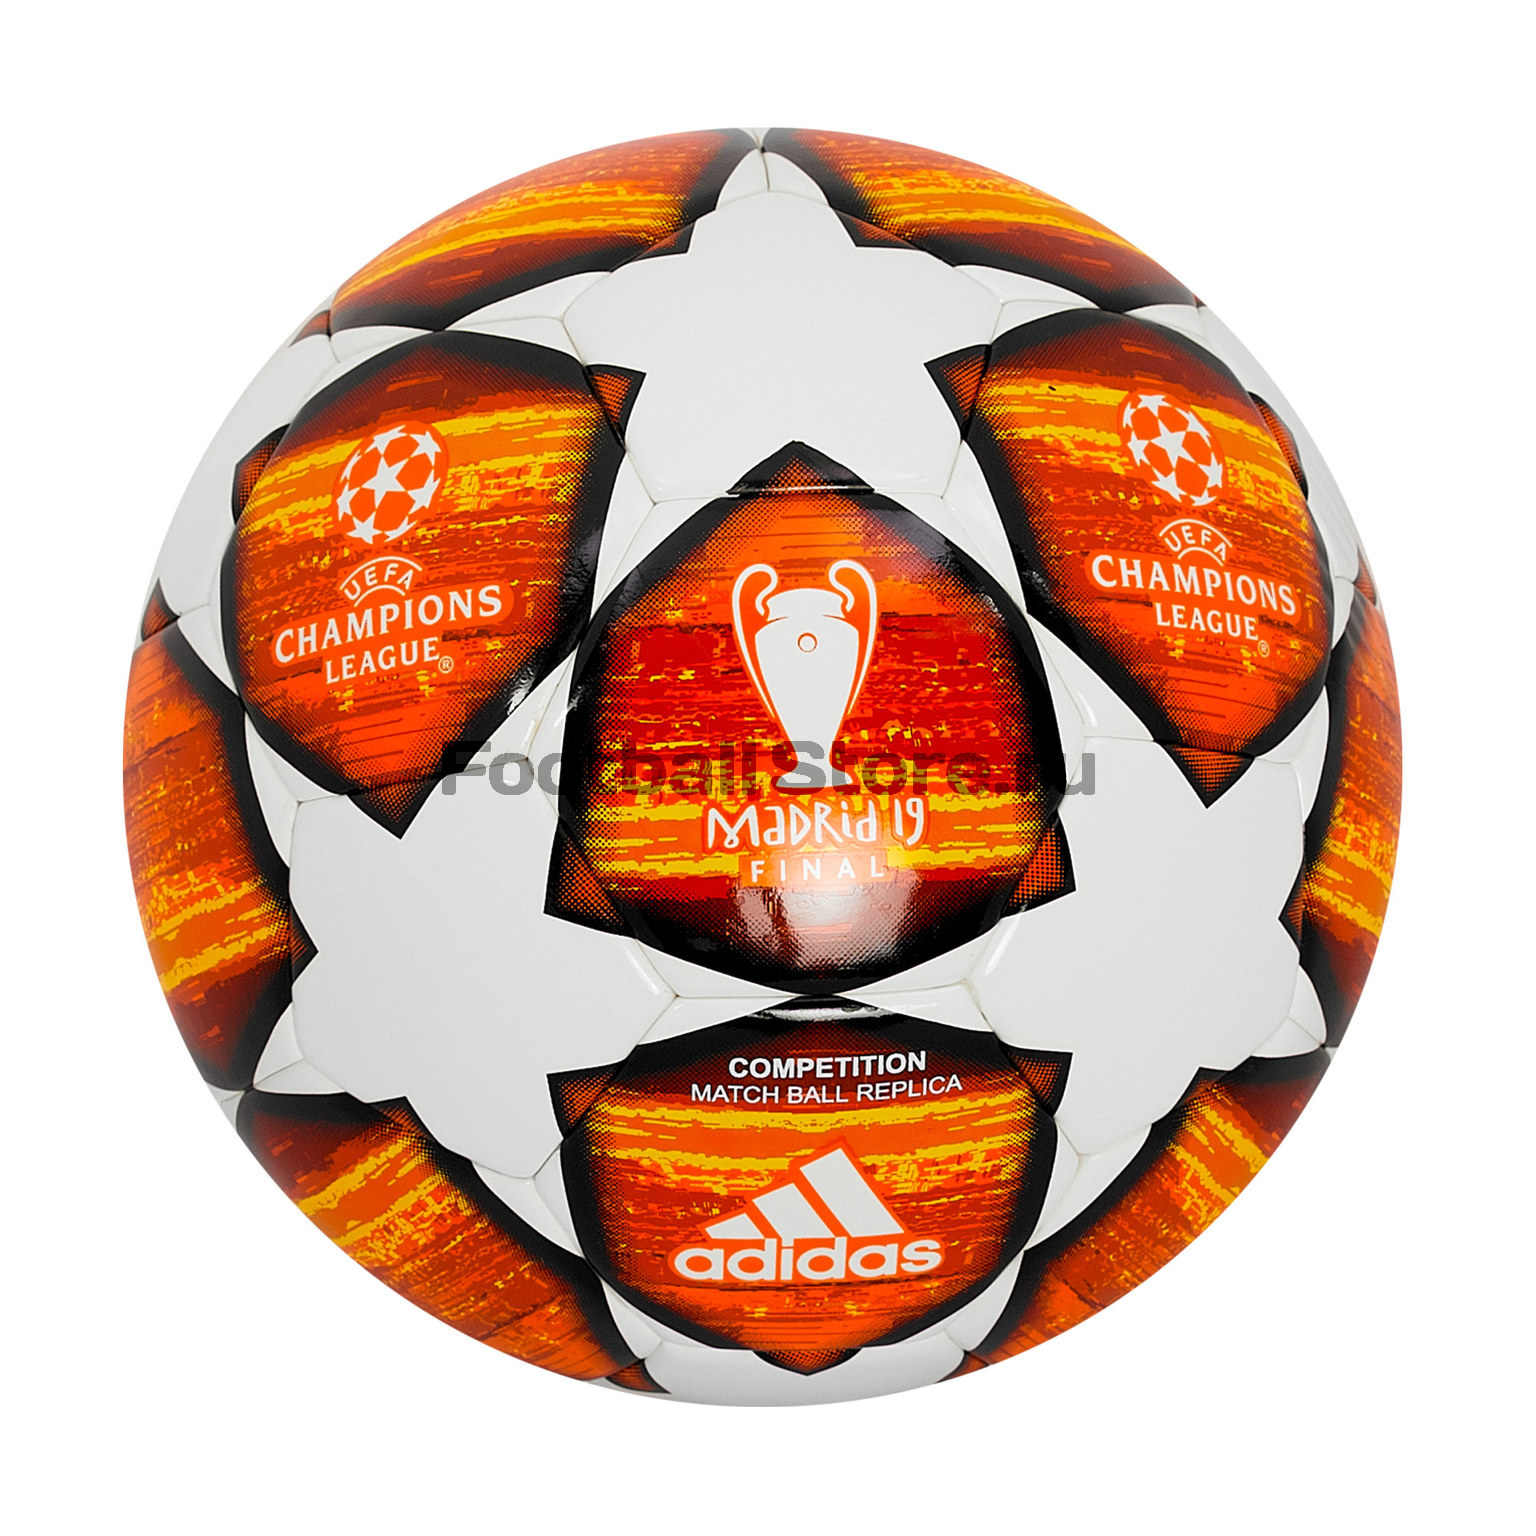 Футбольный мяч Adidas Лиги чемпионов Finale Madrid DN8687 мяч футбольный torres vision resposta fifa quality pro размер 5